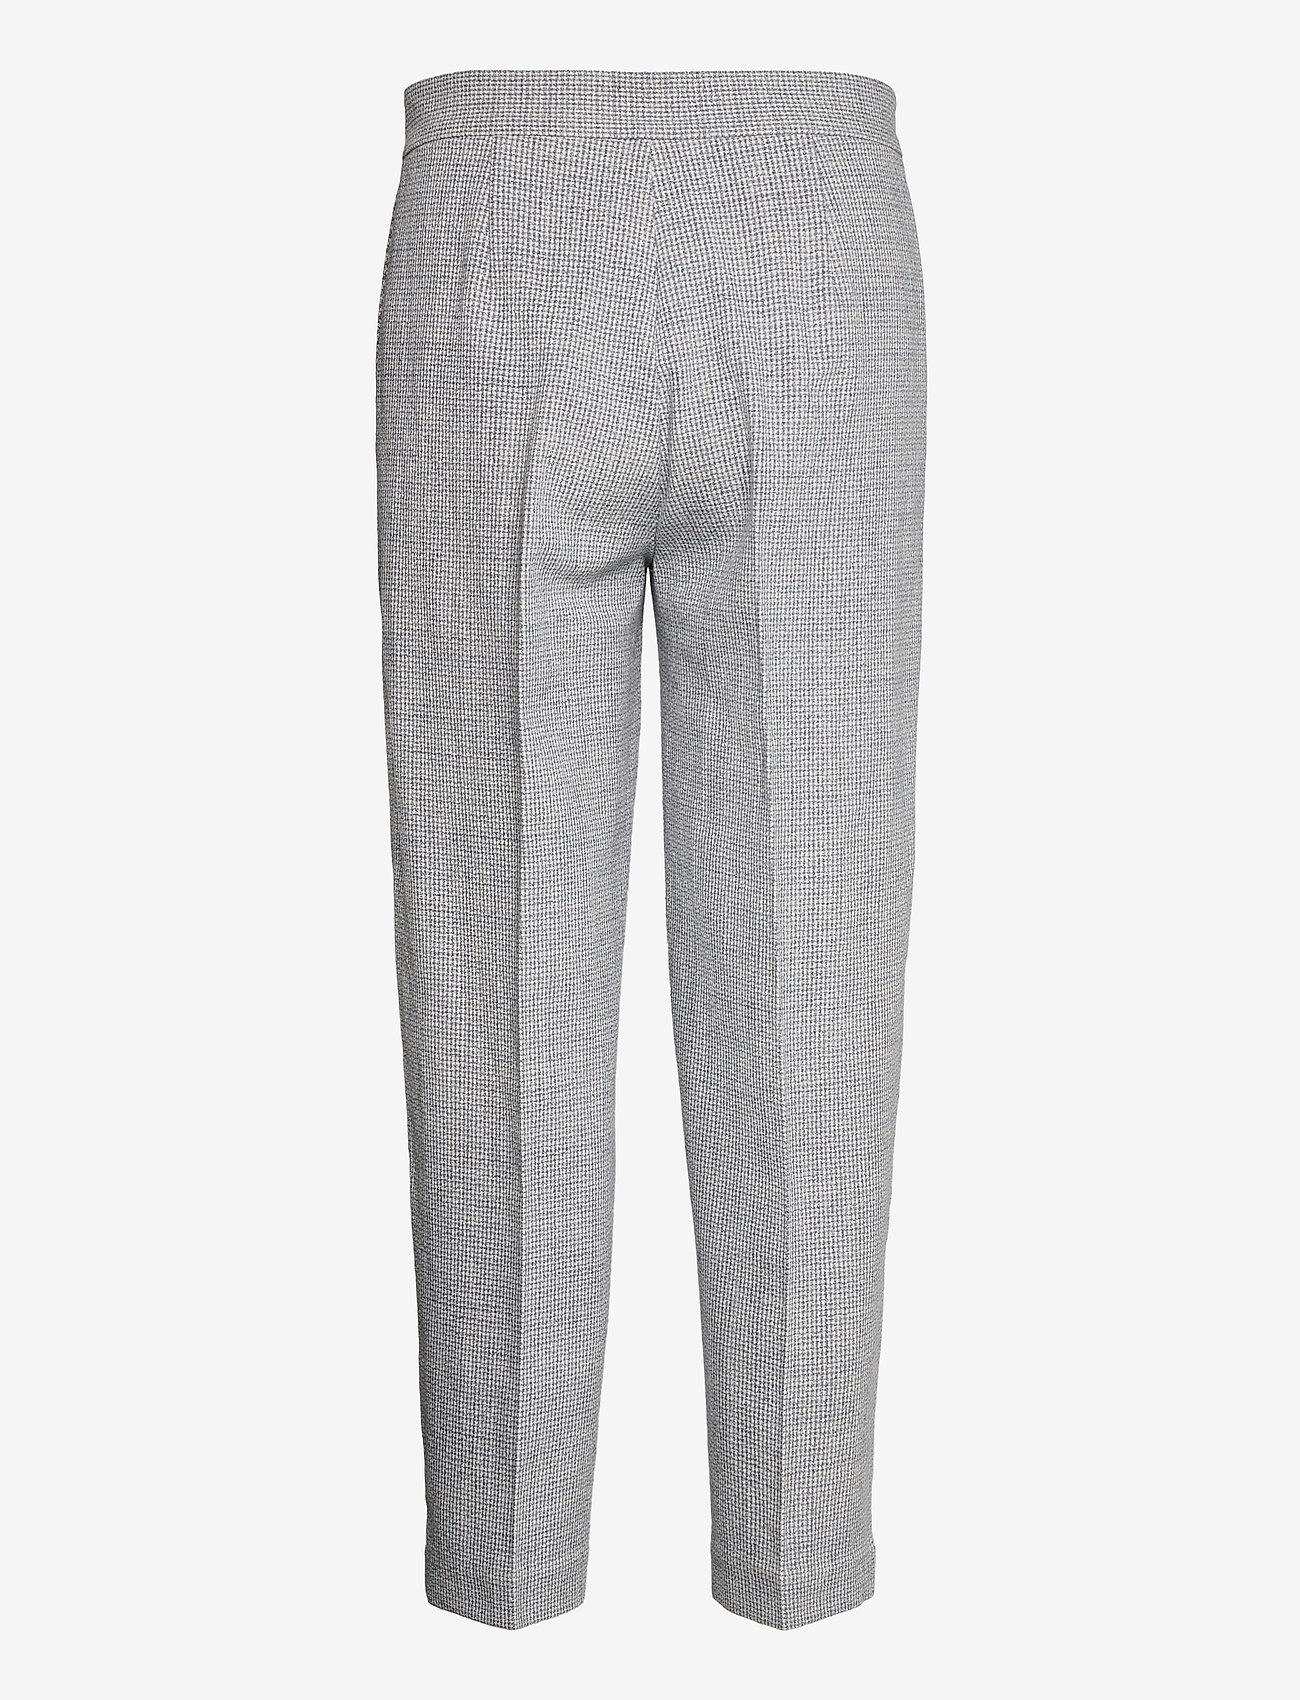 RODEBJER - RODEBJER INESSA - bukser med lige ben - grey - 1